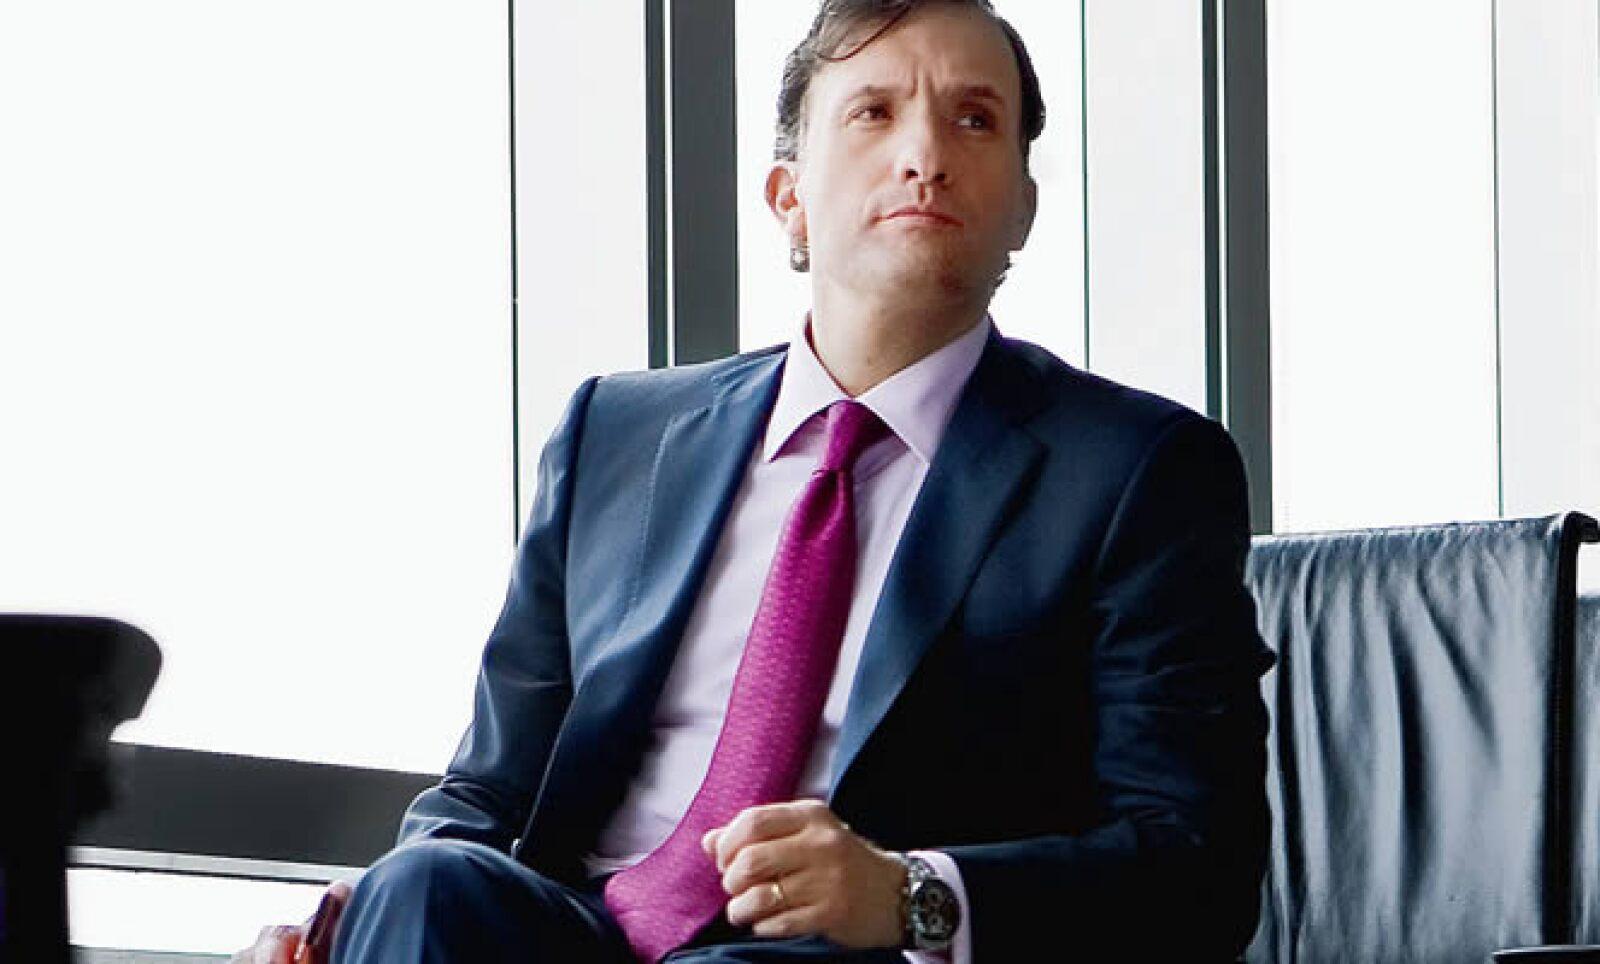 Manuel González durante 5 años fue Director de Comunicación en Maxcom, hoy es Director de Comunicación Corporativa de Nokia.